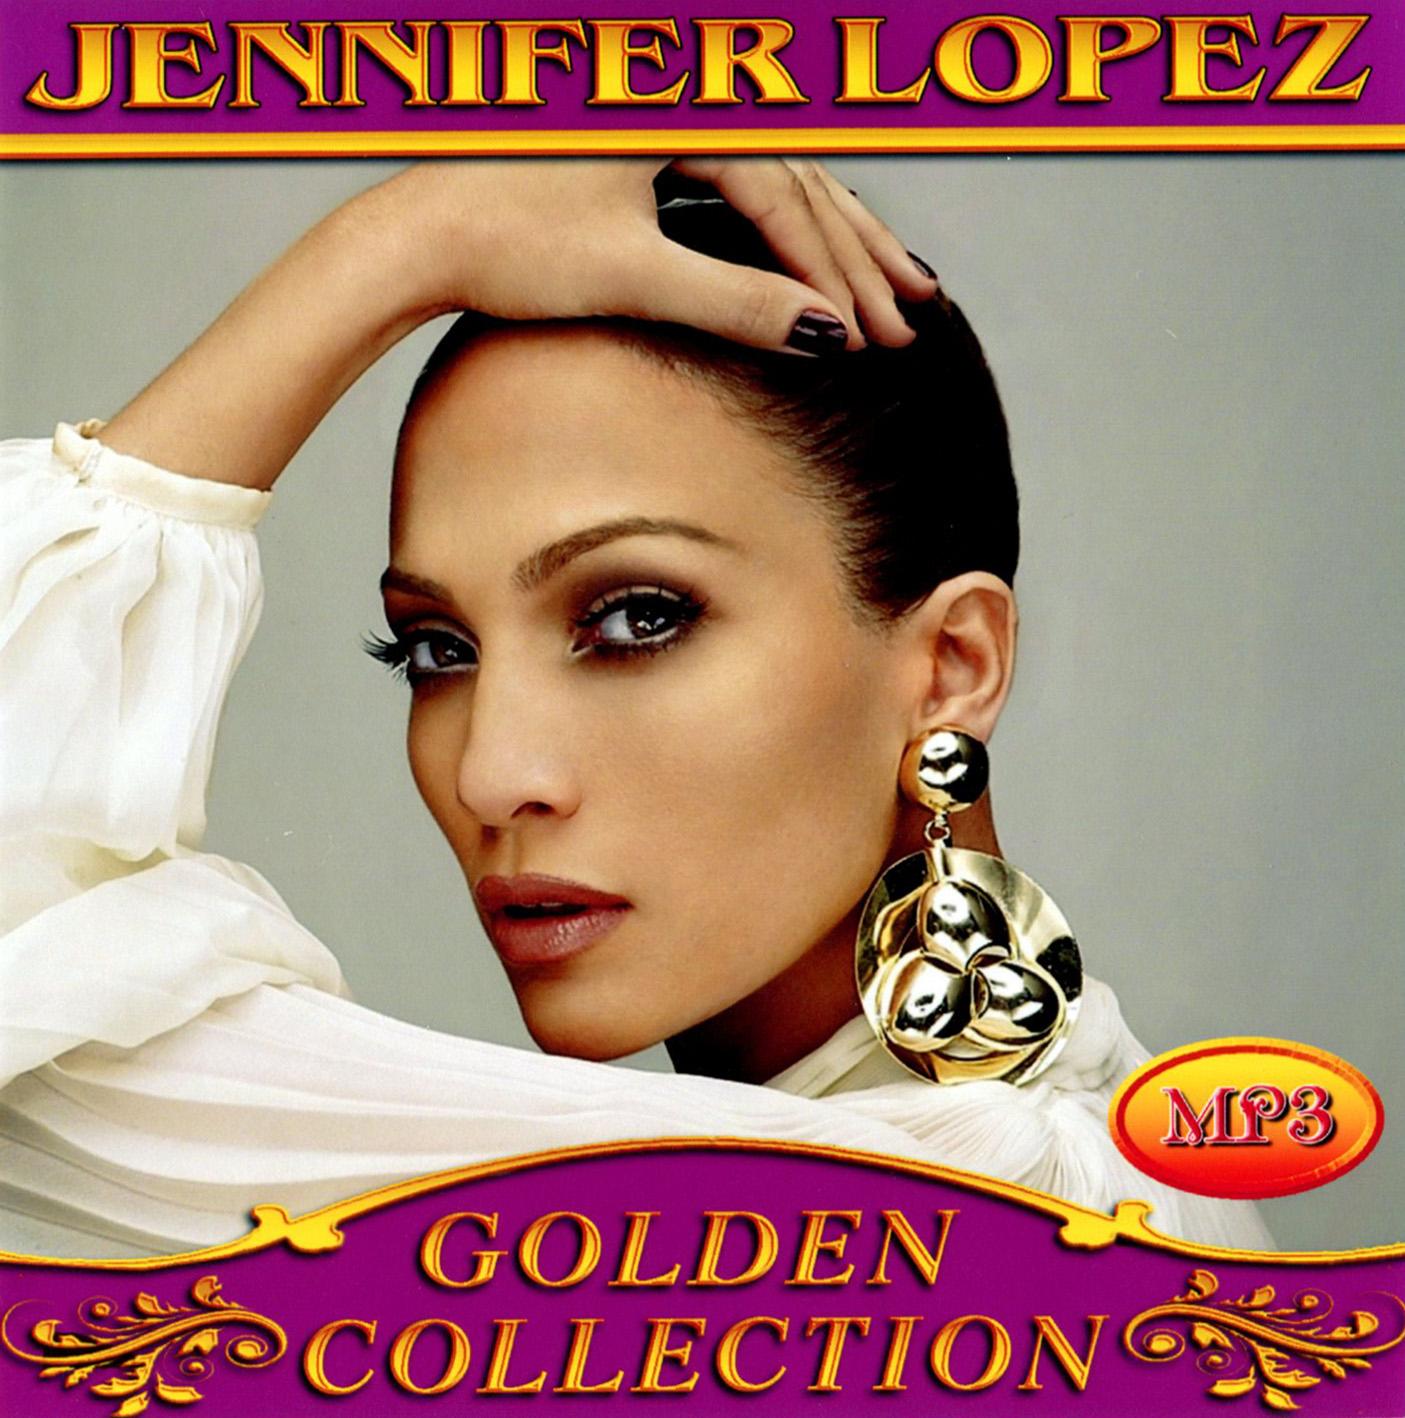 Jennifer Lopez [mp3]